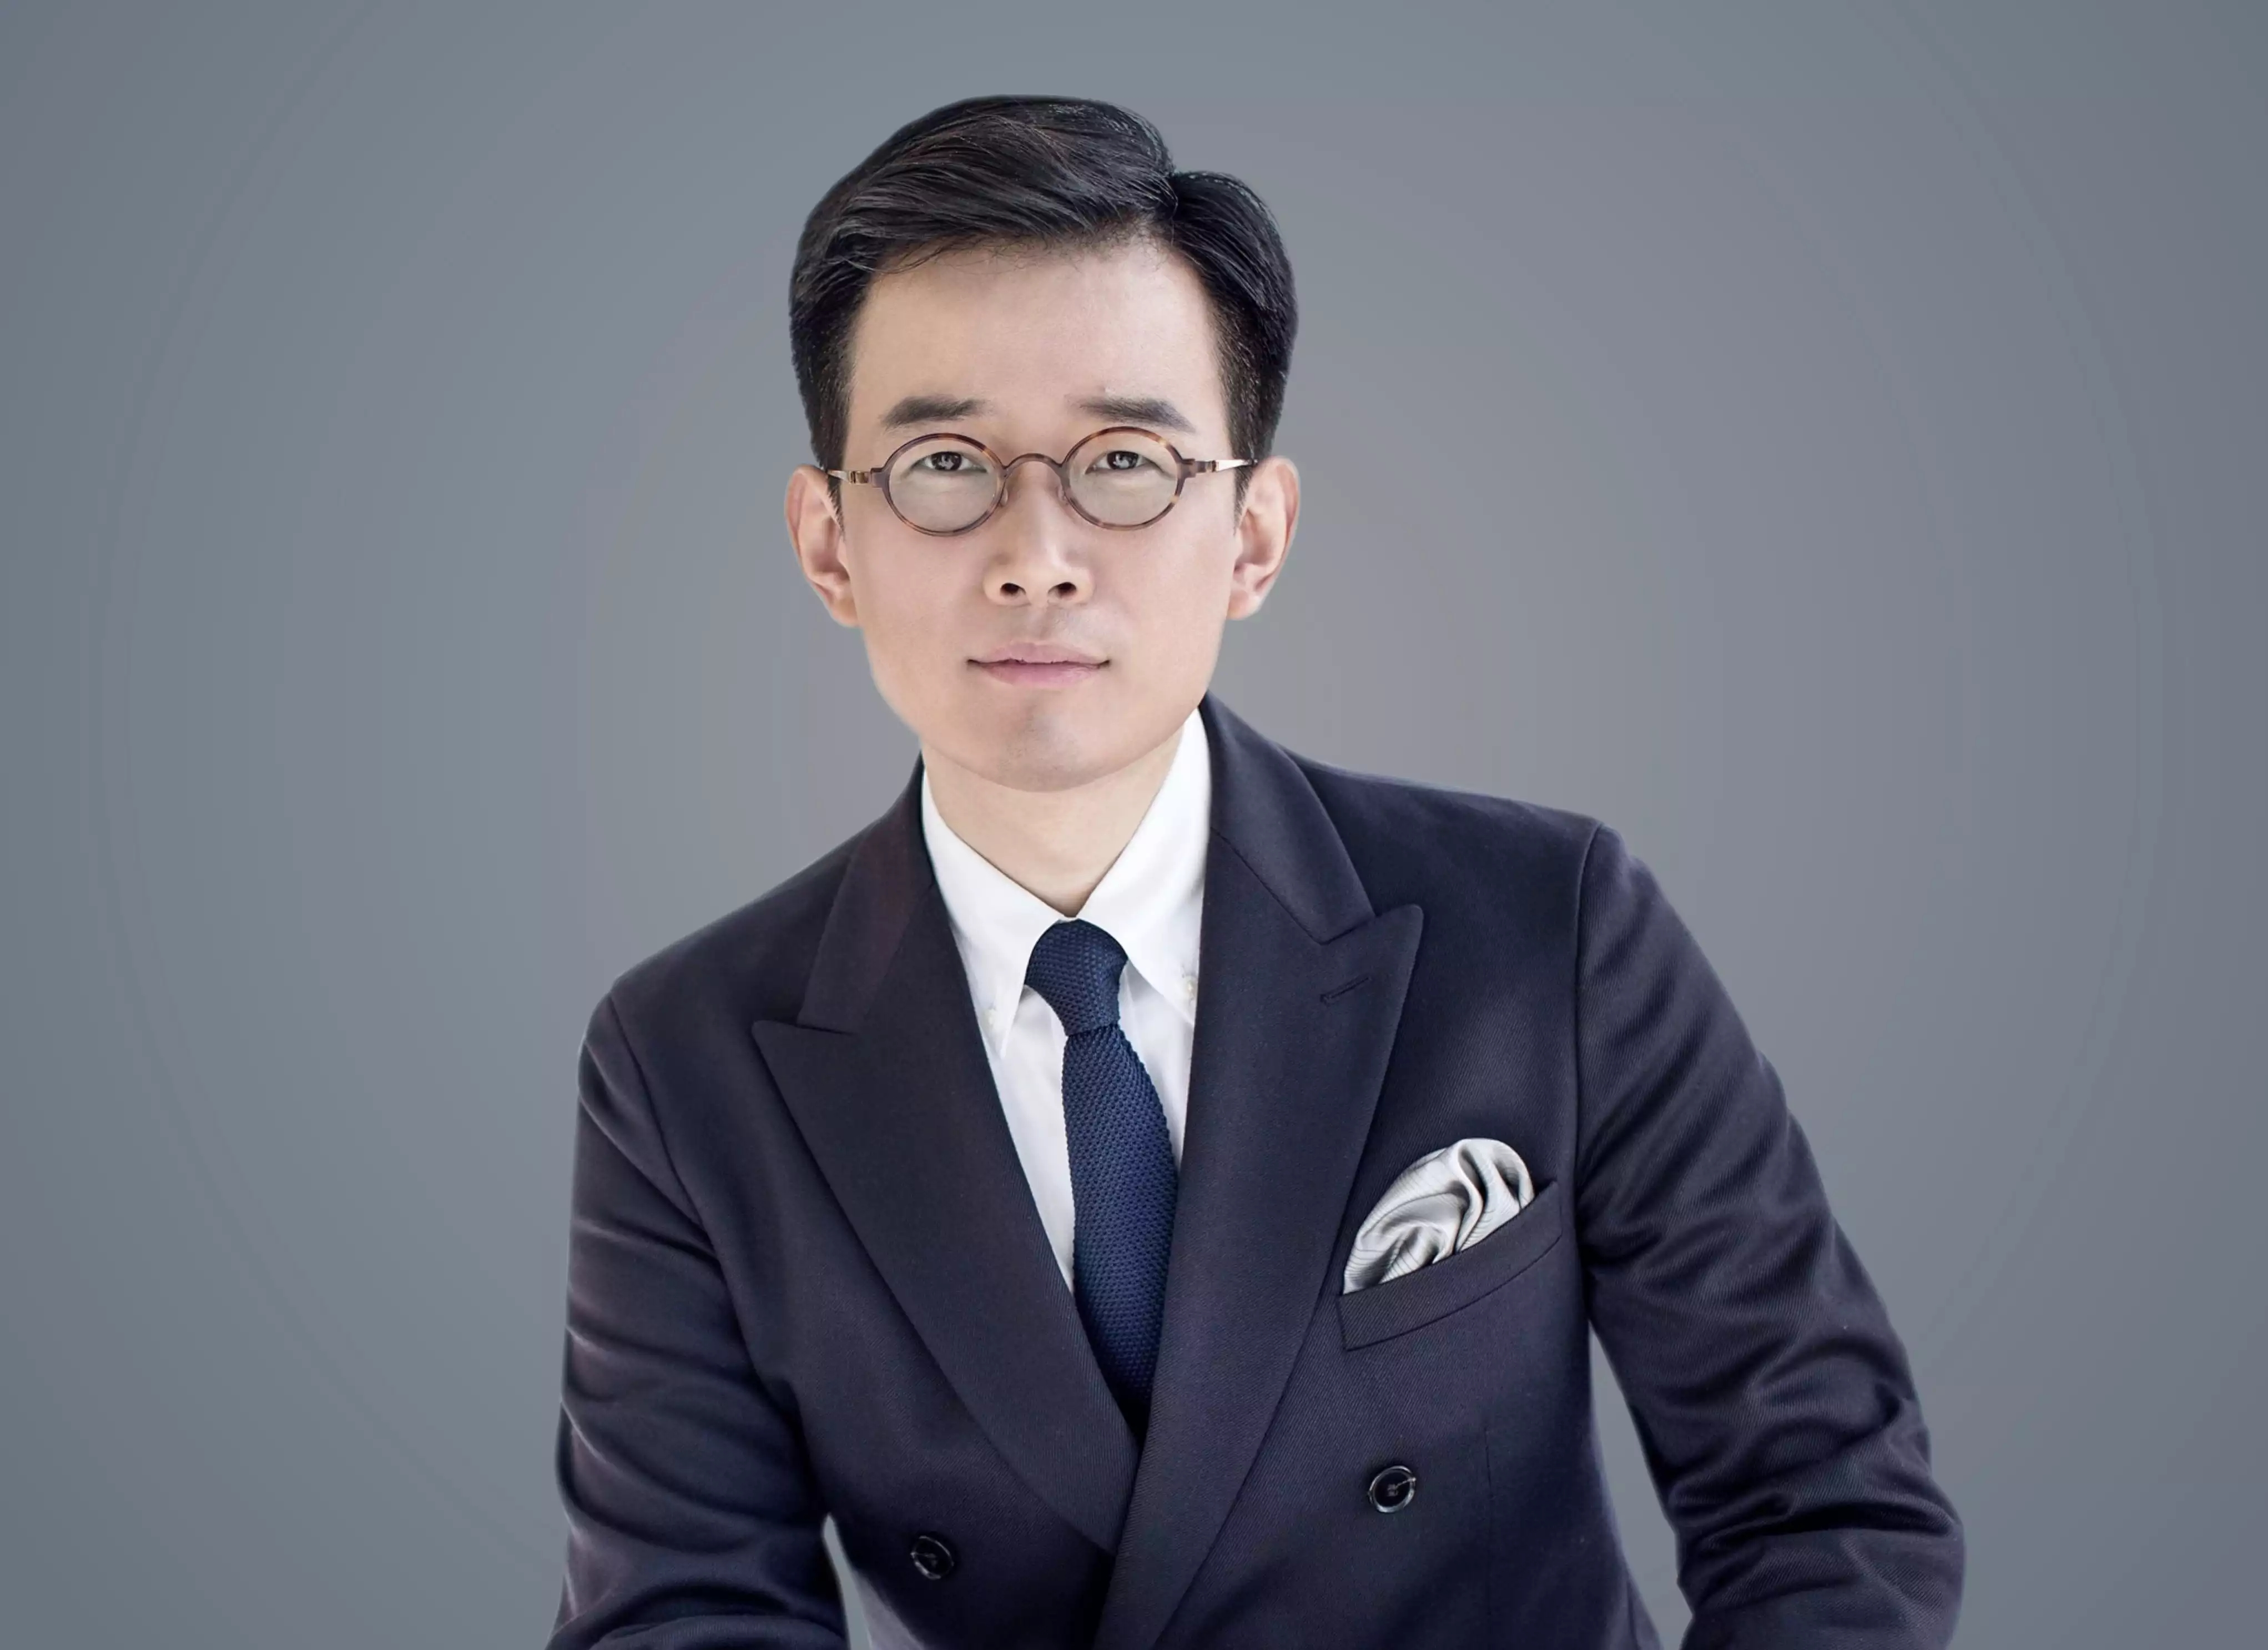 2021倚石听声——中外经典作品专场音乐会-深圳站